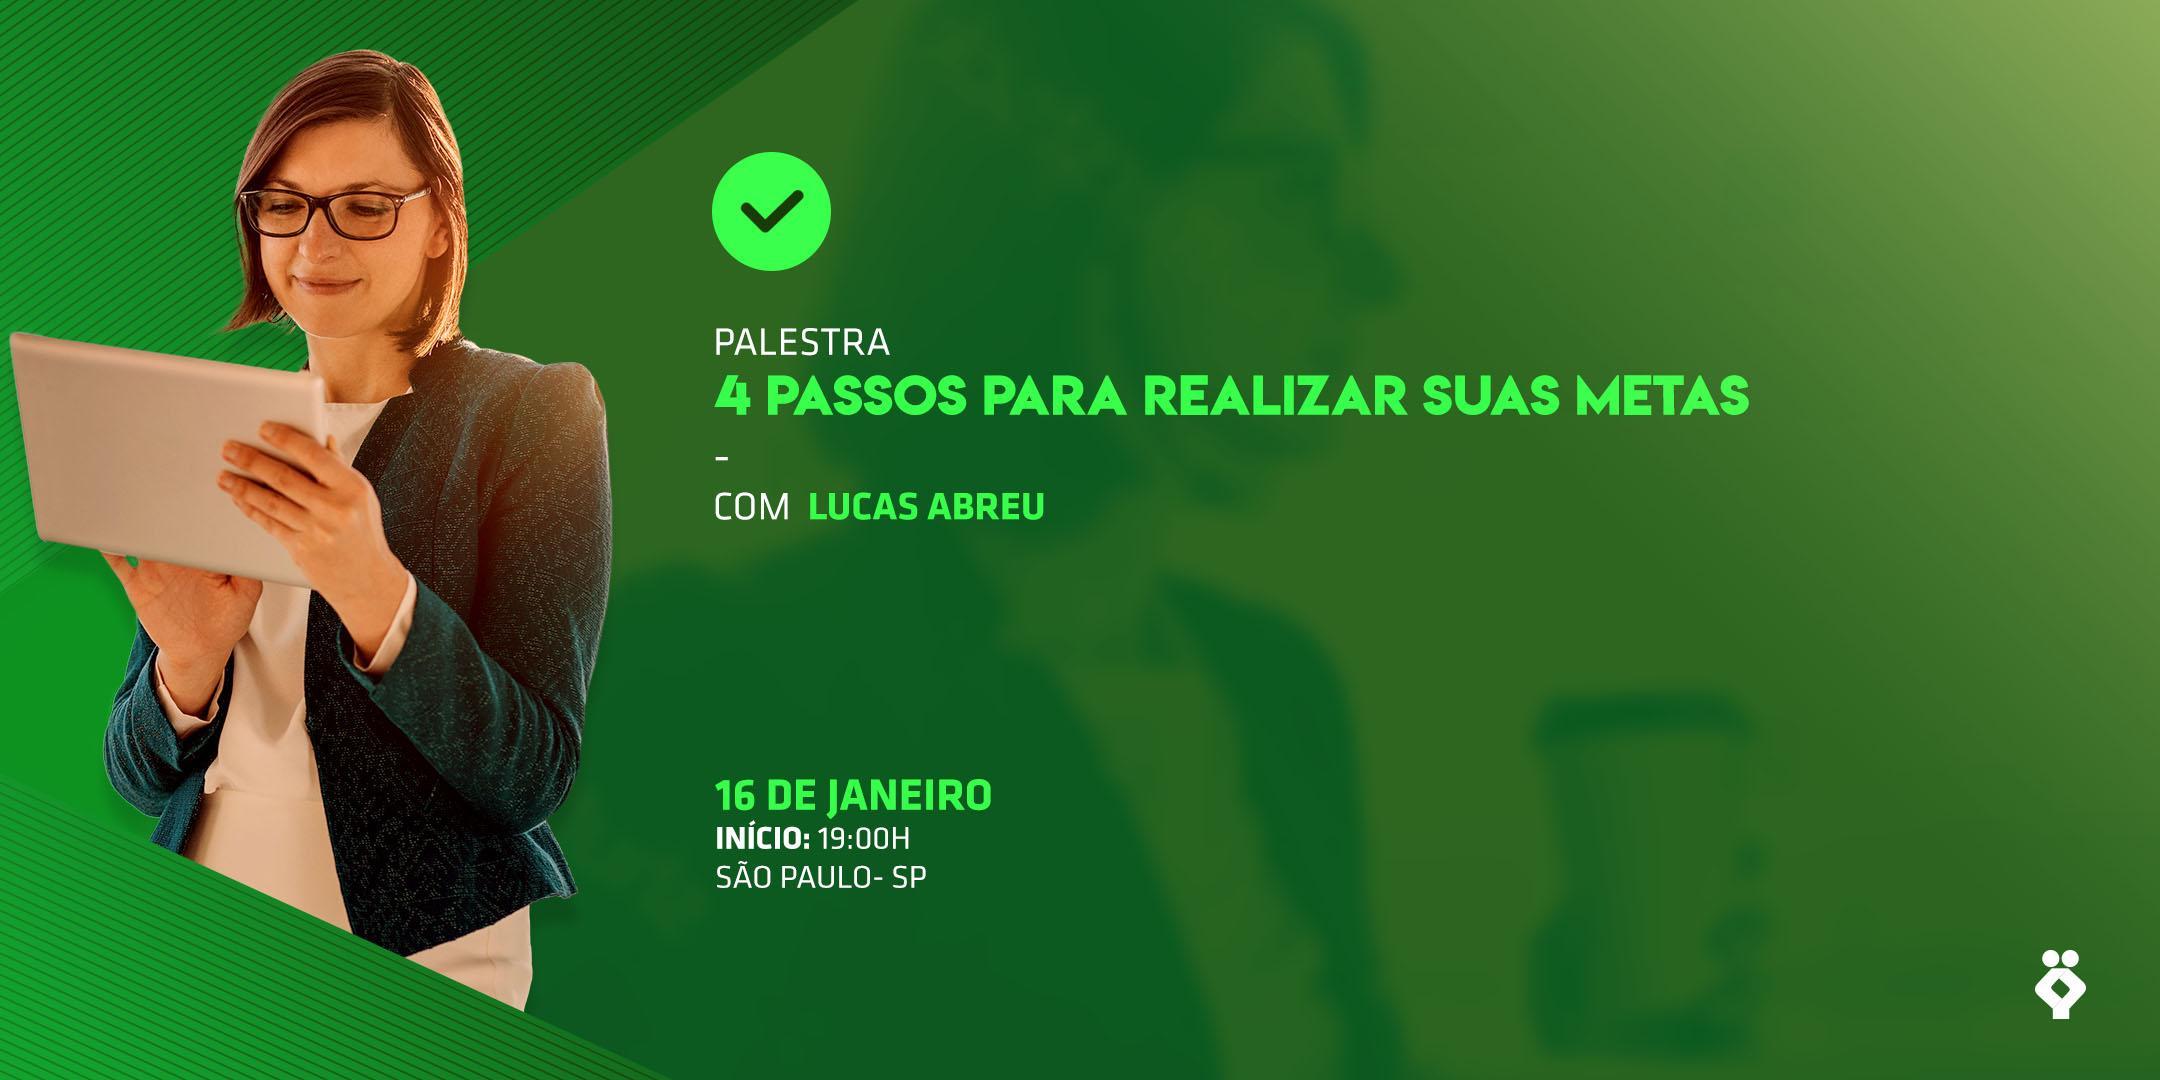 [SÃO PAULO/SP] 04 Passos para Realizar seus Sonhos 16/01